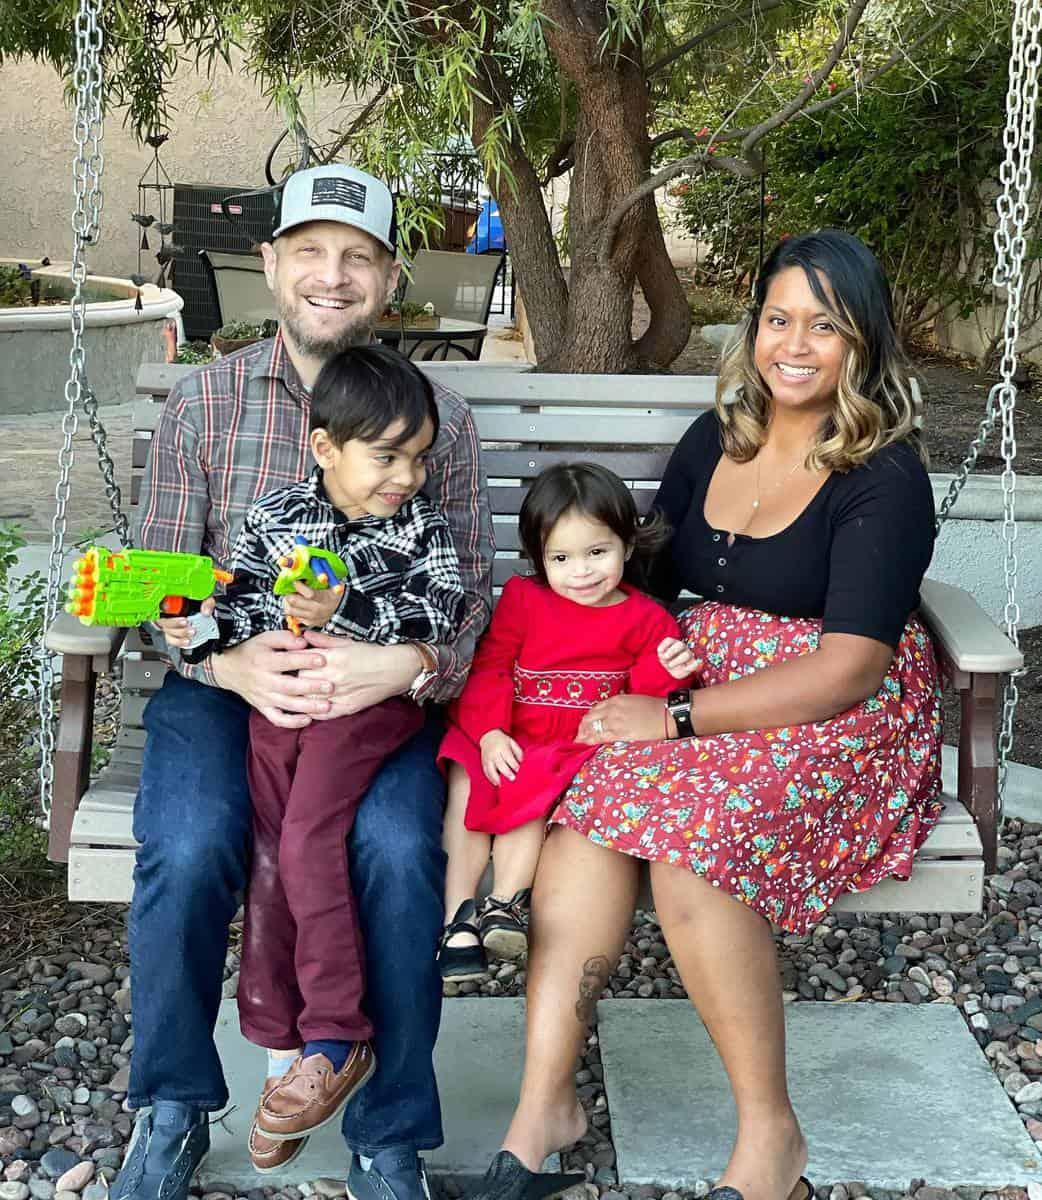 Jeff & Family, 2021